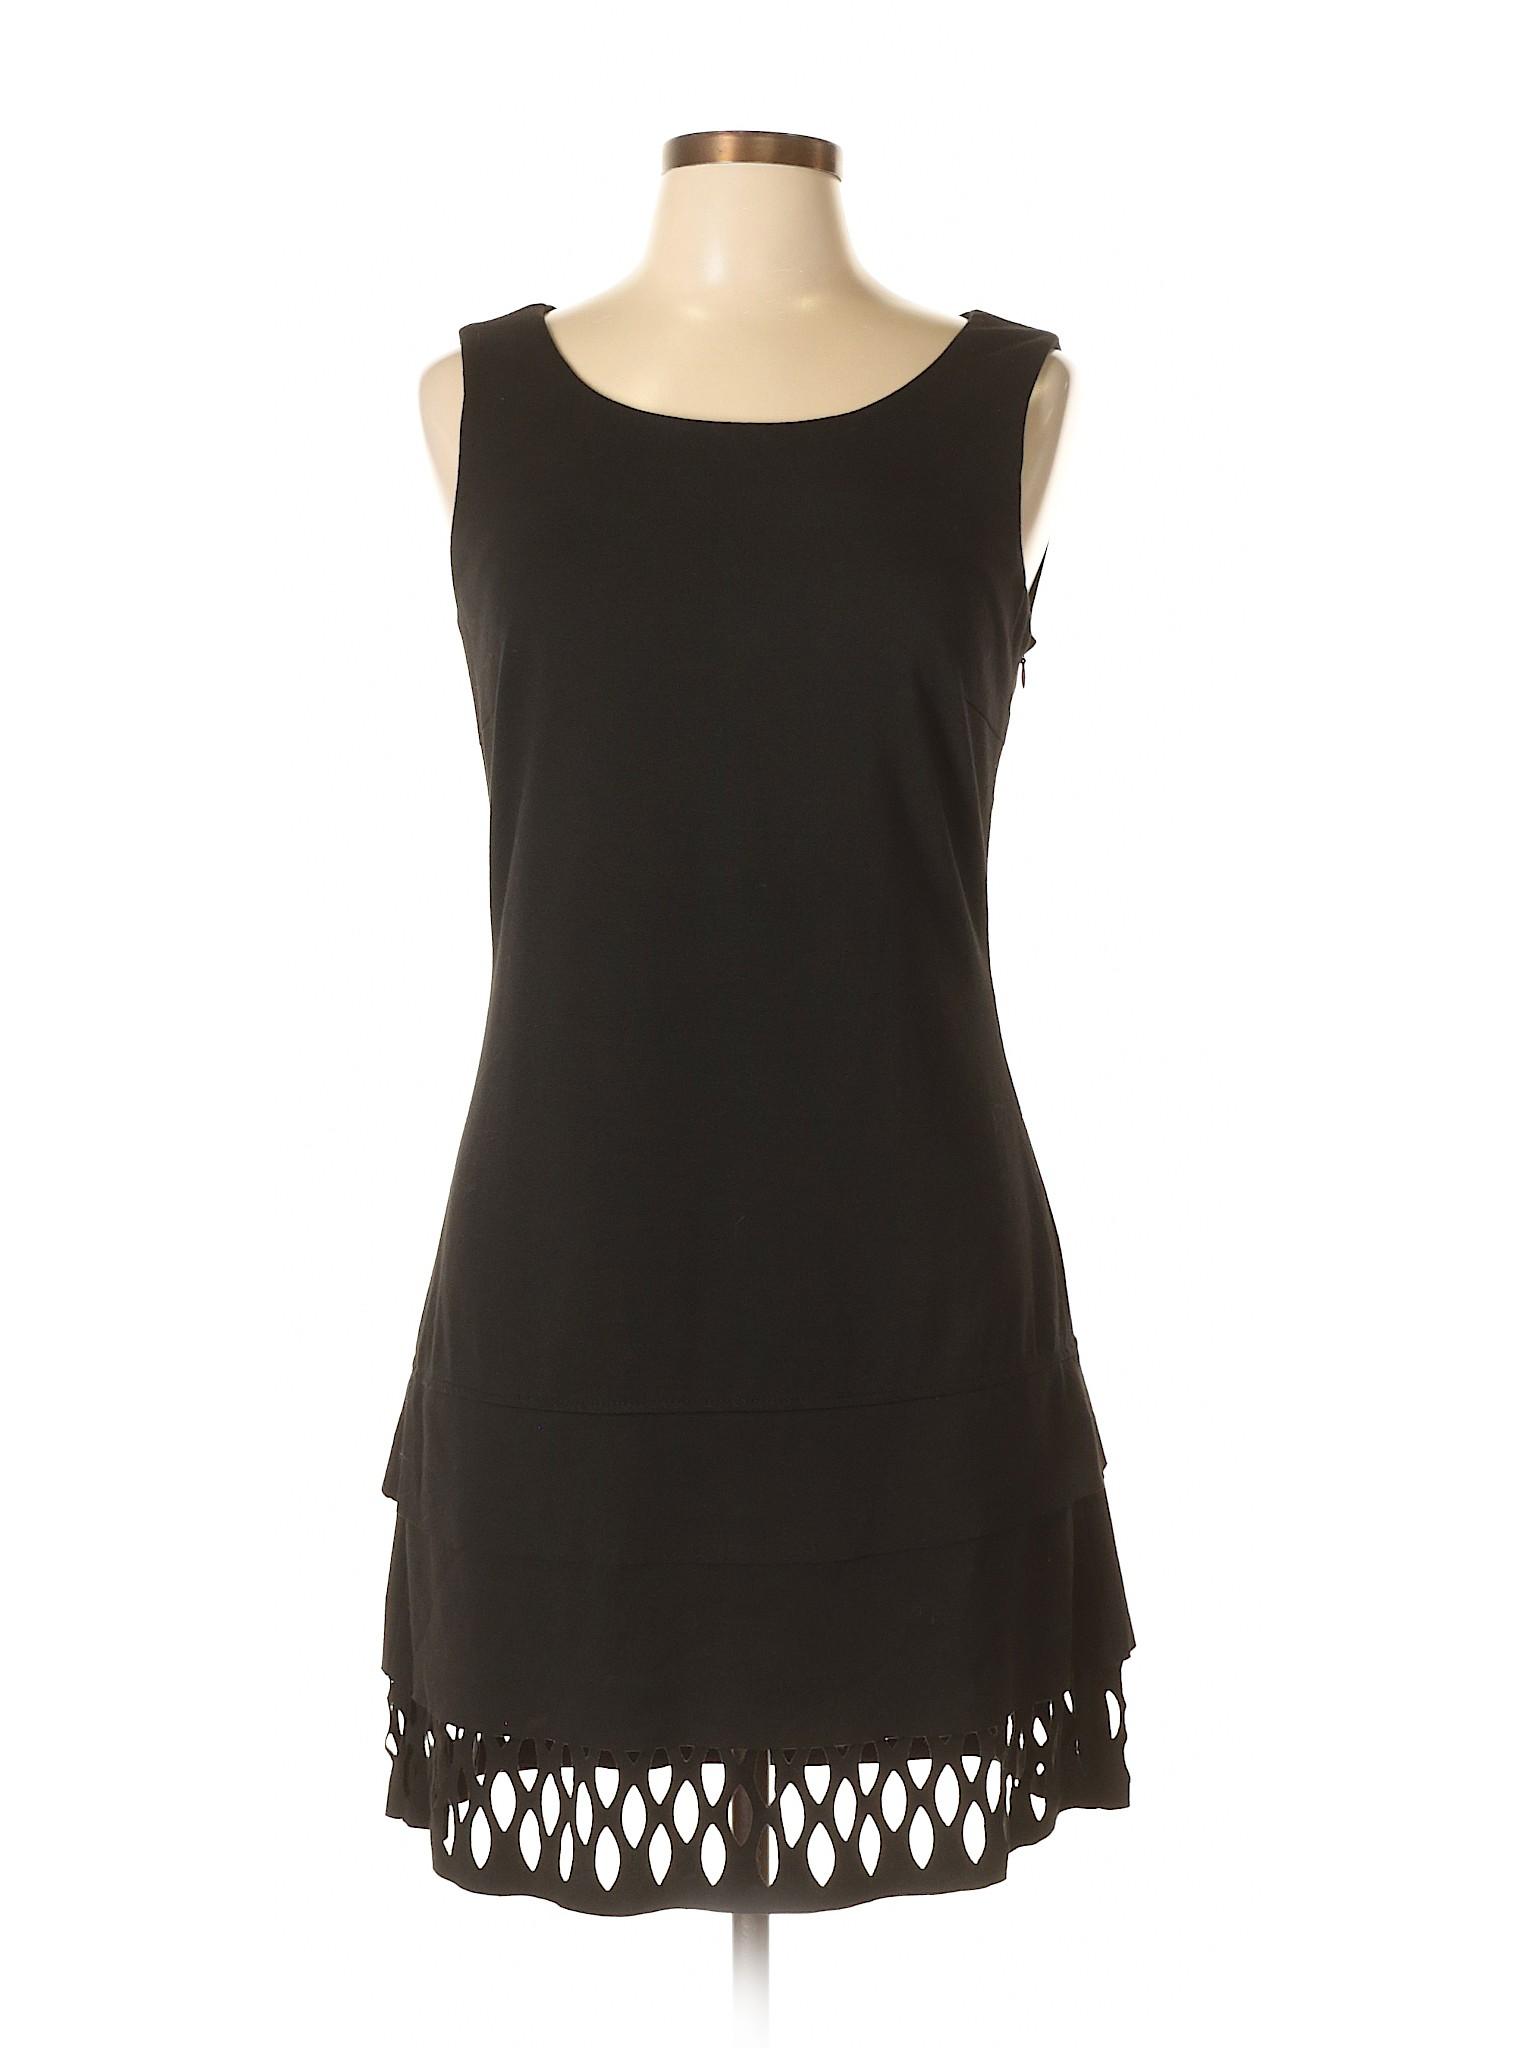 Luca Patrizia Casual Selling Selling Dress Patrizia gBzqS0Pwxn